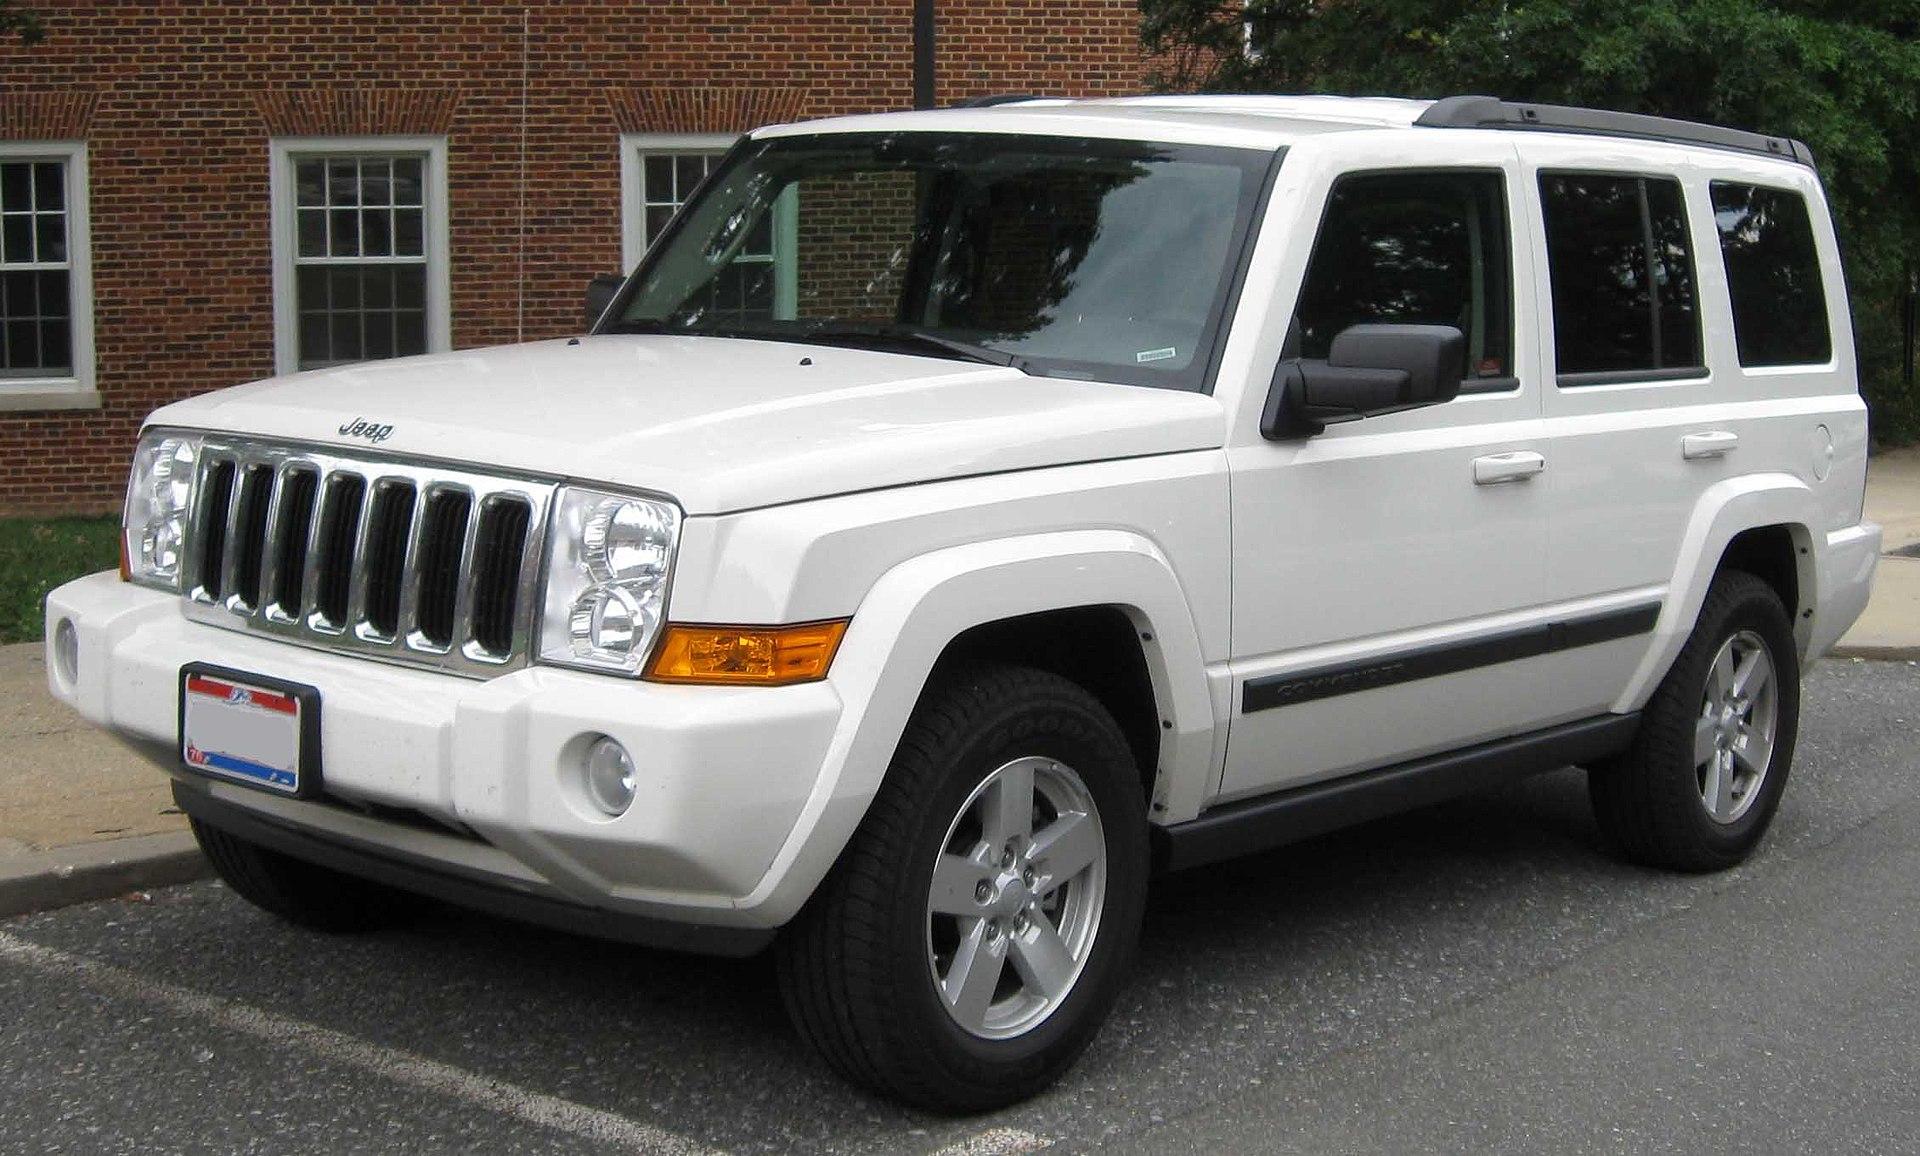 2006 jeep liberty sport 3.7 l v6 manual 4wd suv